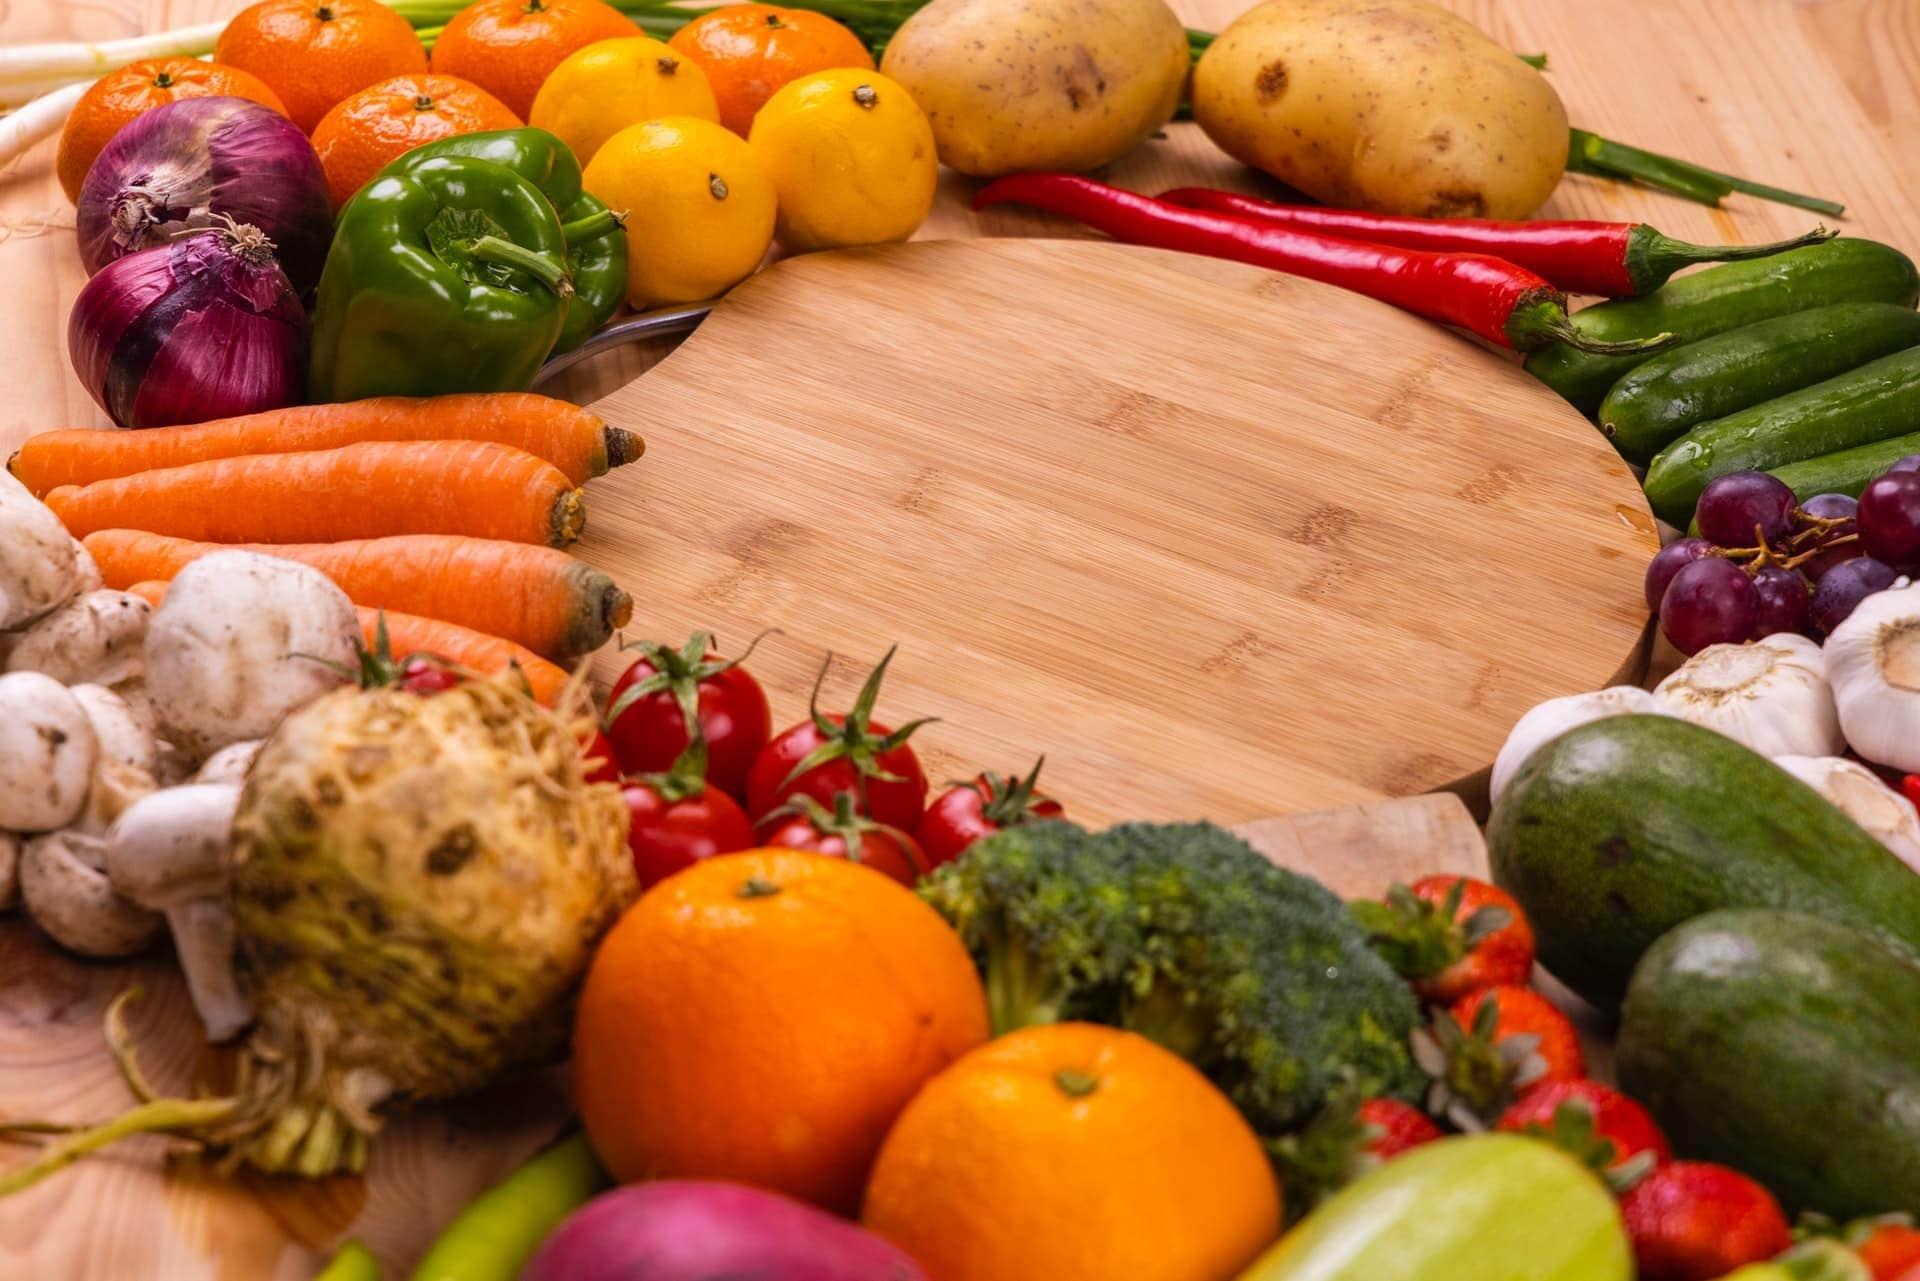 الاحتياجات الغذائية للمرأة والفتاة